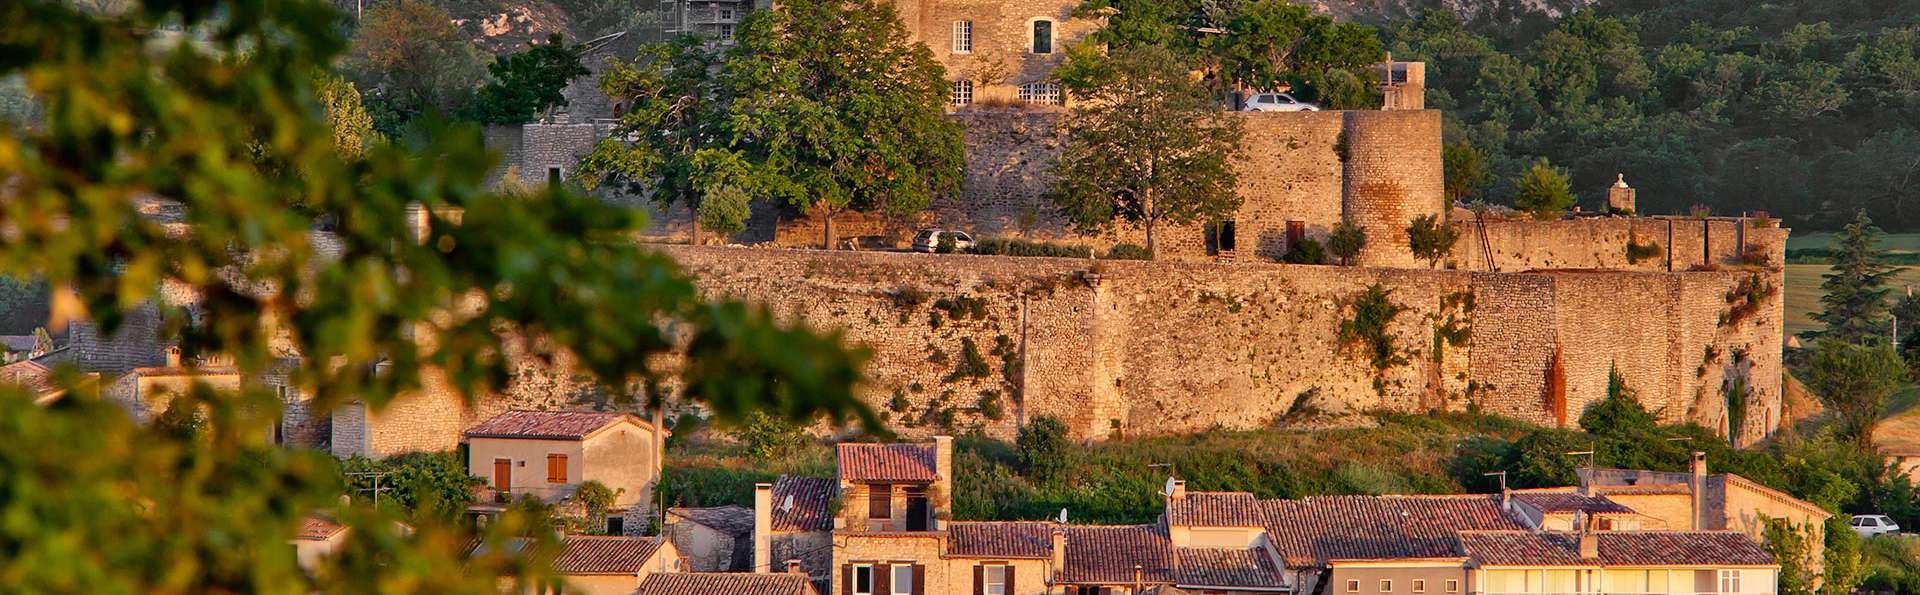 Le Couvent des Minimes Hôtel & Spa L'Occitane - EDIT_view.jpg